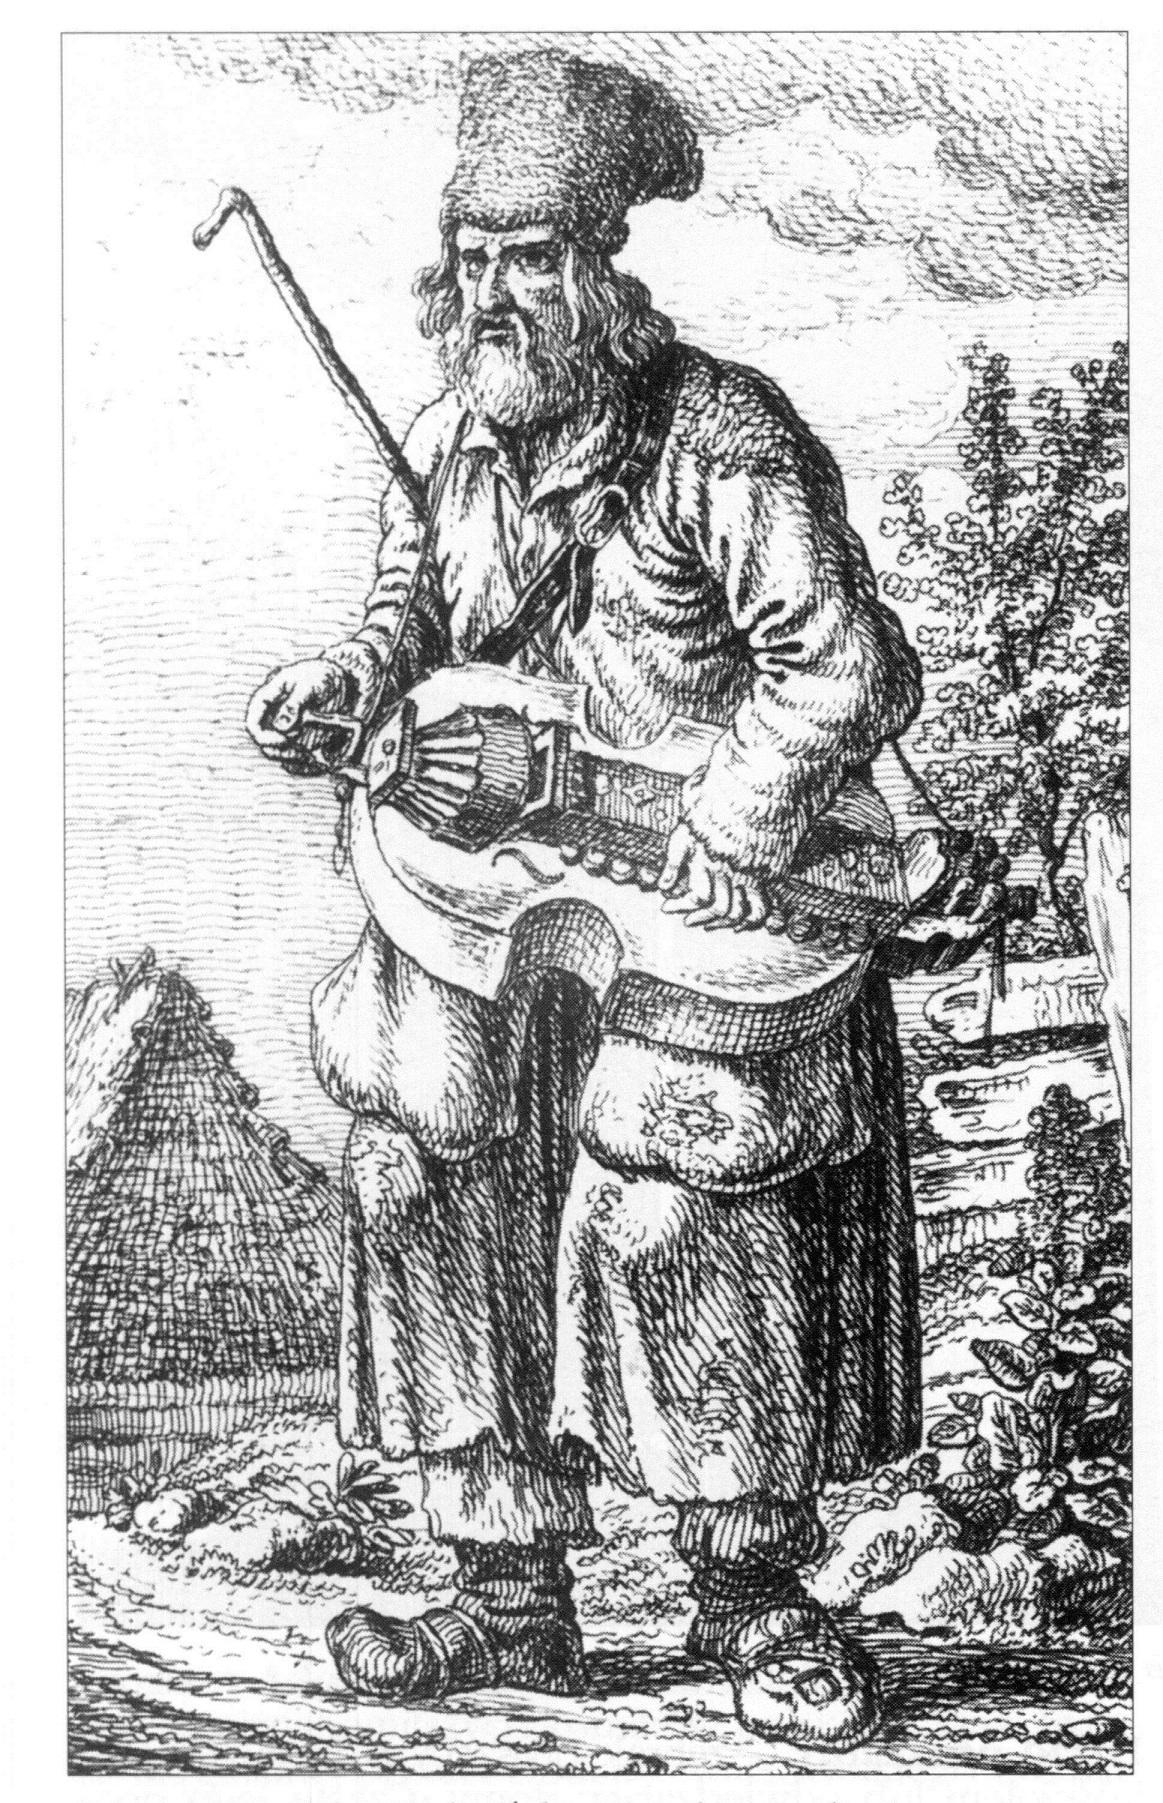 Lirnik ukraiński akwaforta Michał Płoński 1. ćw. XIX w..jpg